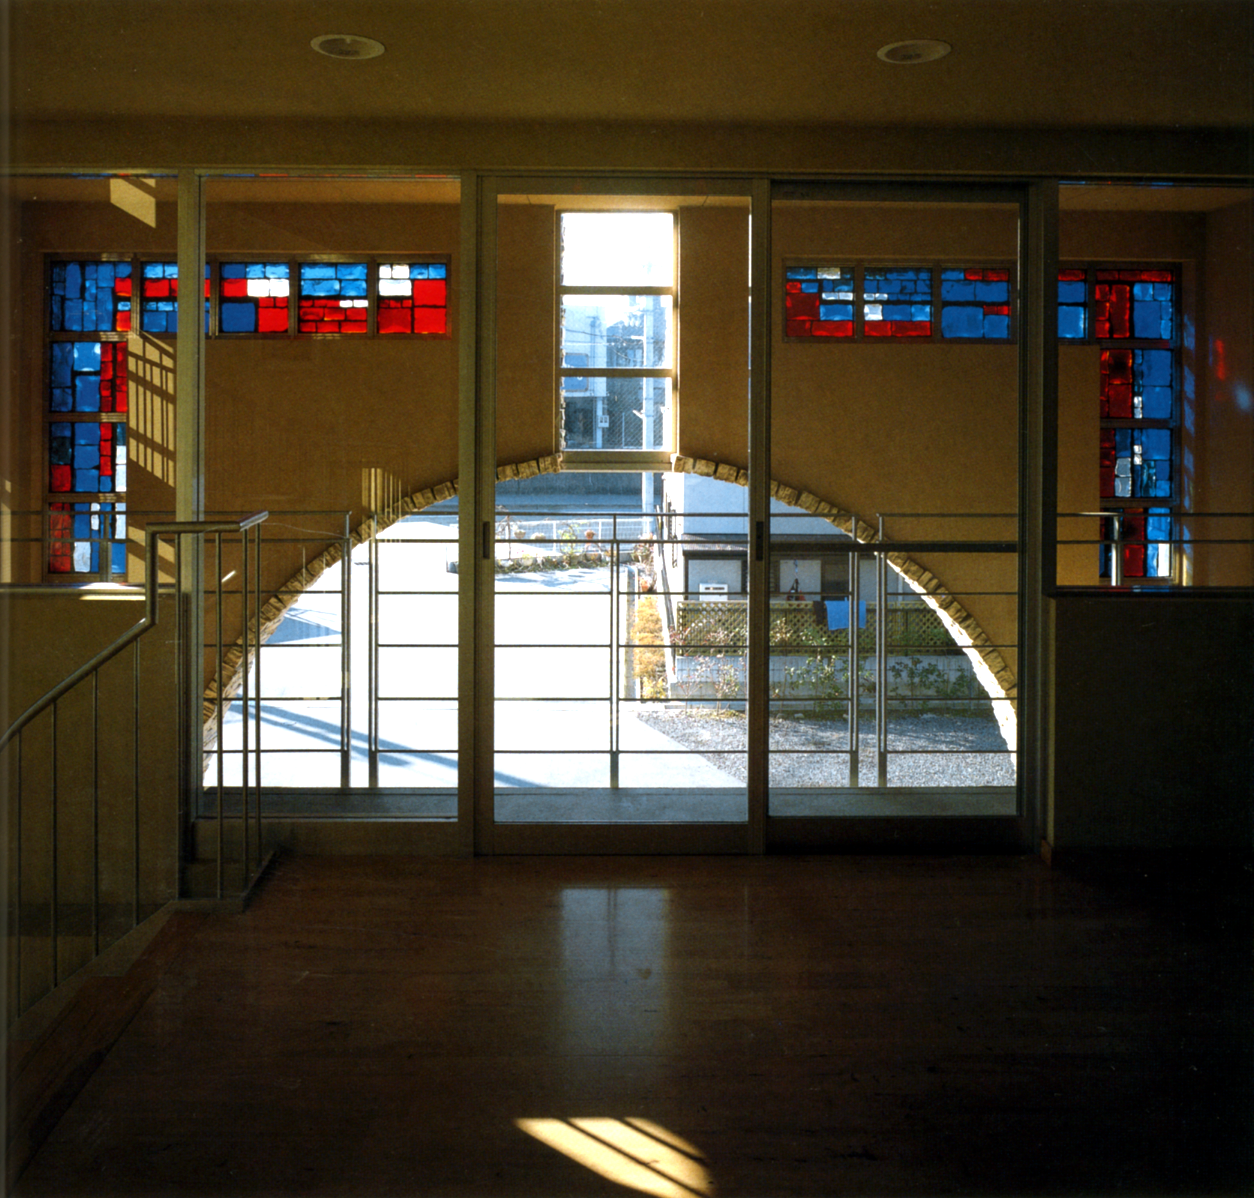 聖イエス会 宇治コミュニティ教会